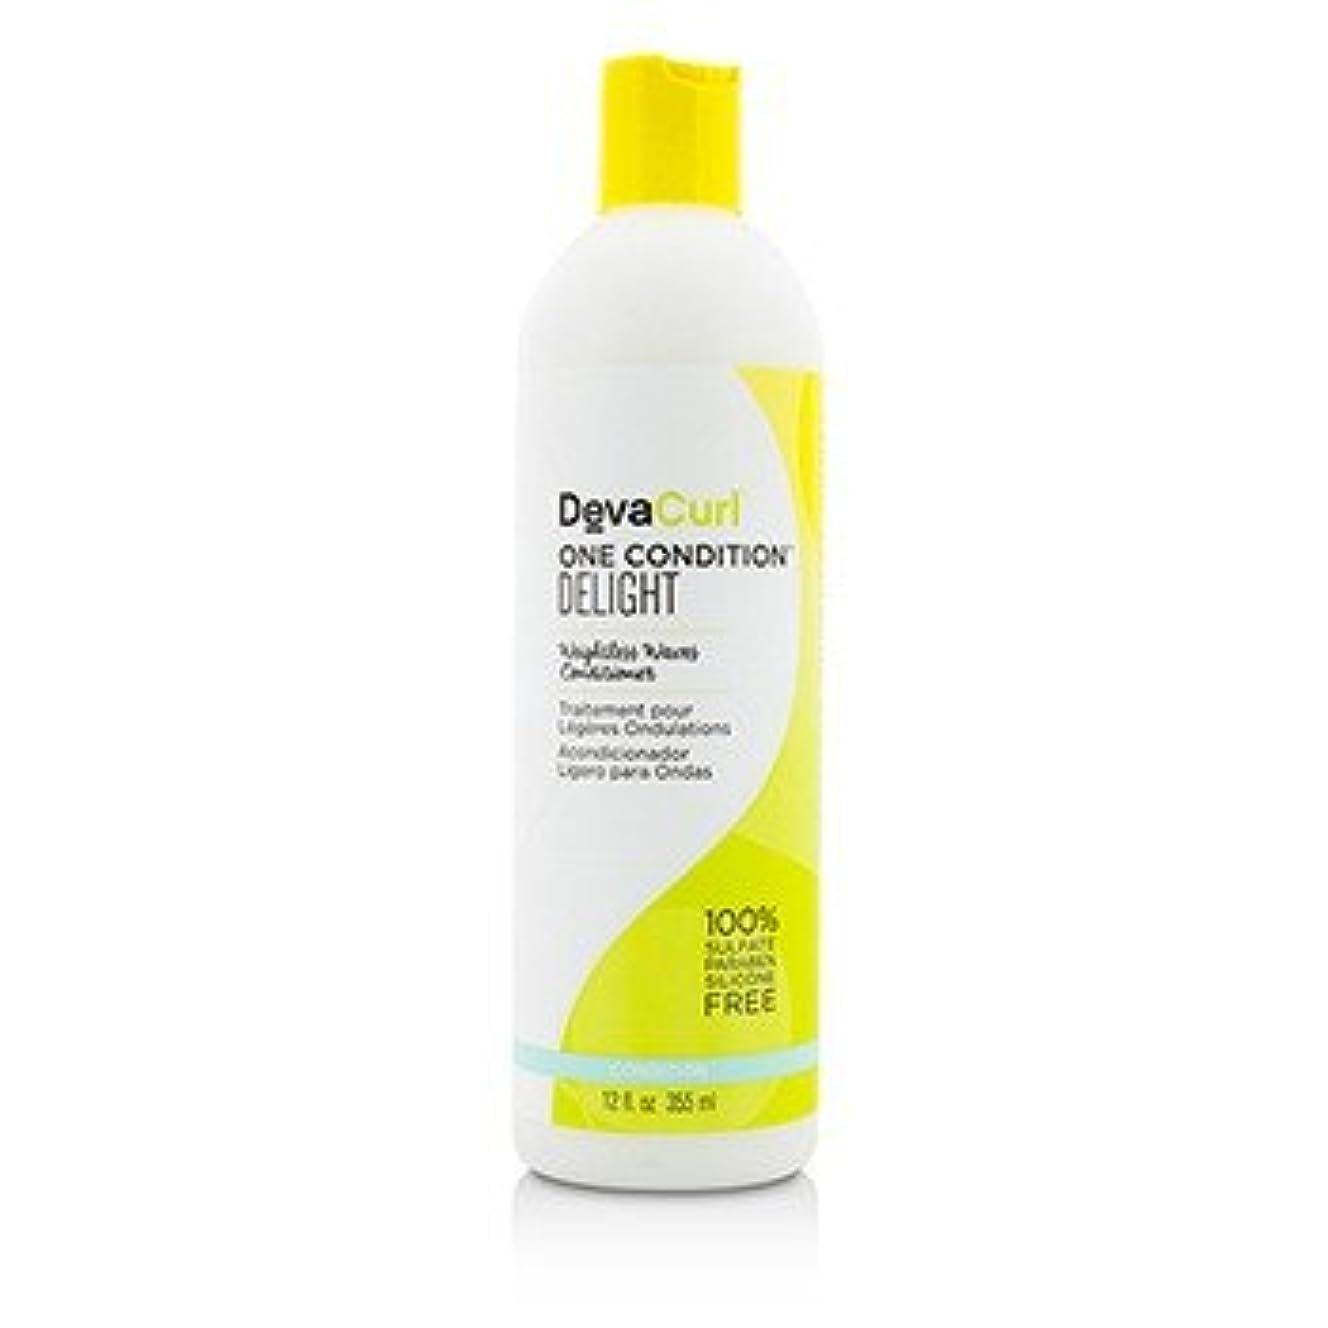 ローマ人アイデア上院[DevaCurl] One Condition Delight (Weightless Waves Conditioner - For Wavy Hair) 355ml/12oz